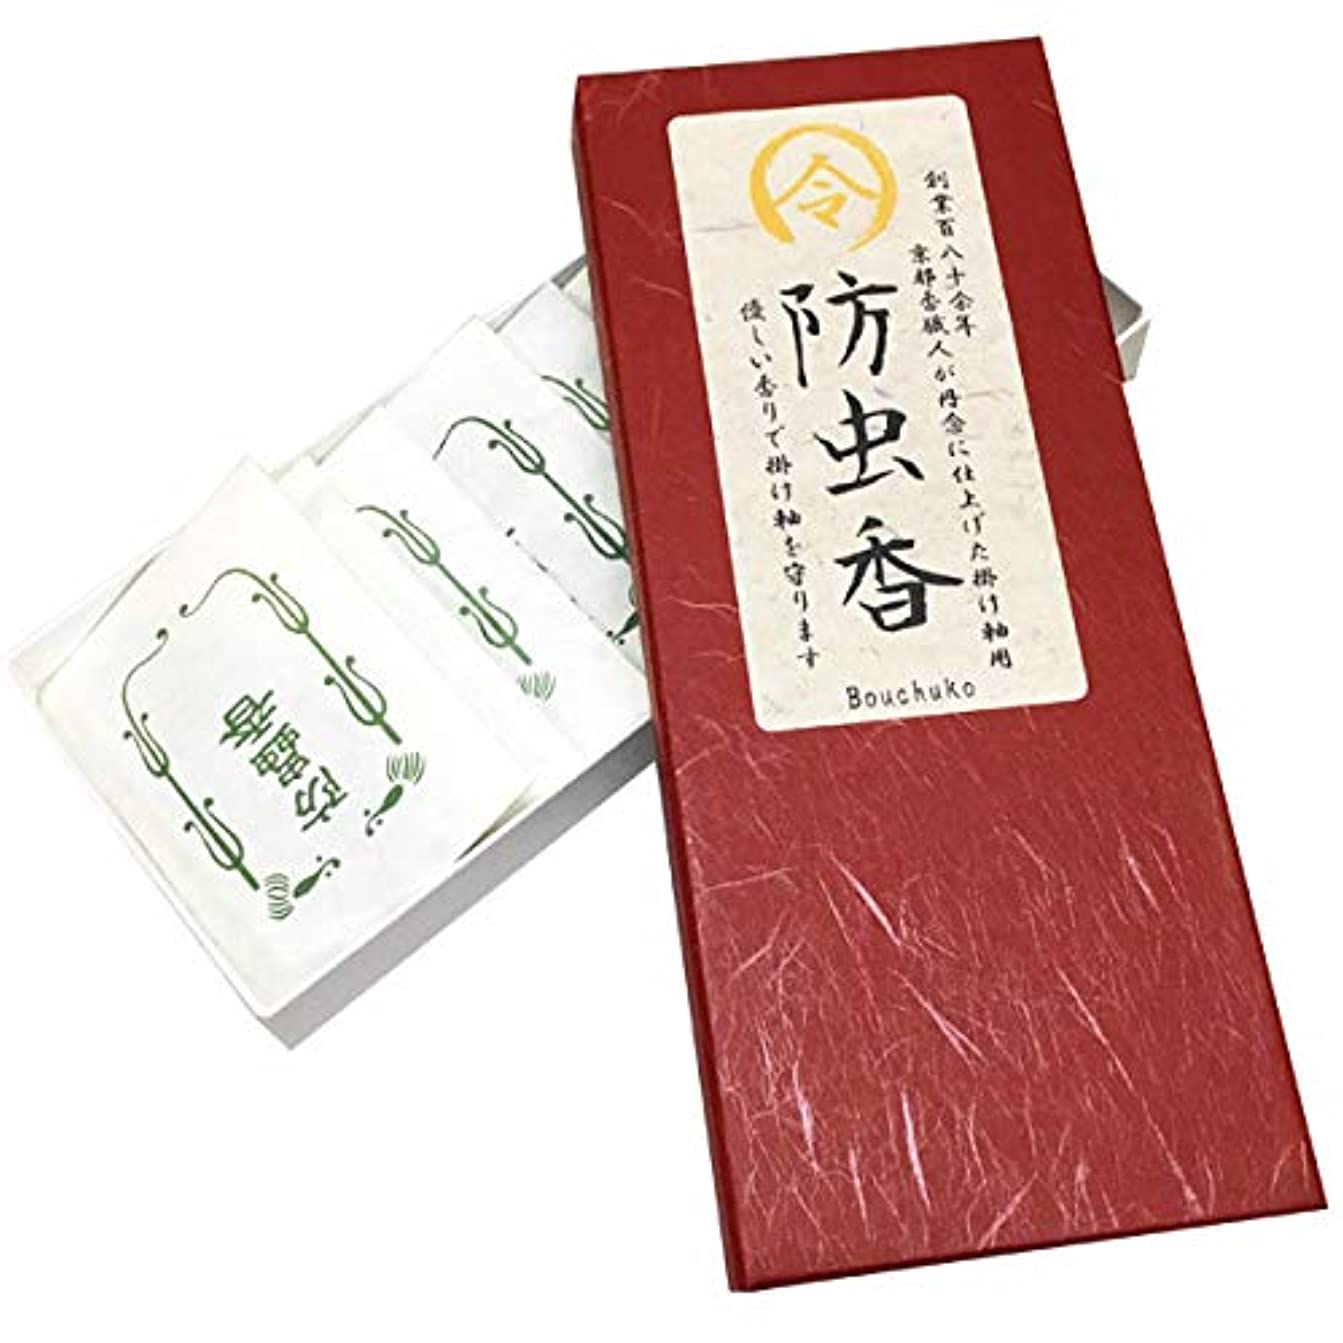 囚人程度物思いにふける掛け軸用 表具用 高級香 令和印の掛軸防虫香(白檀香) 1箱10袋入り